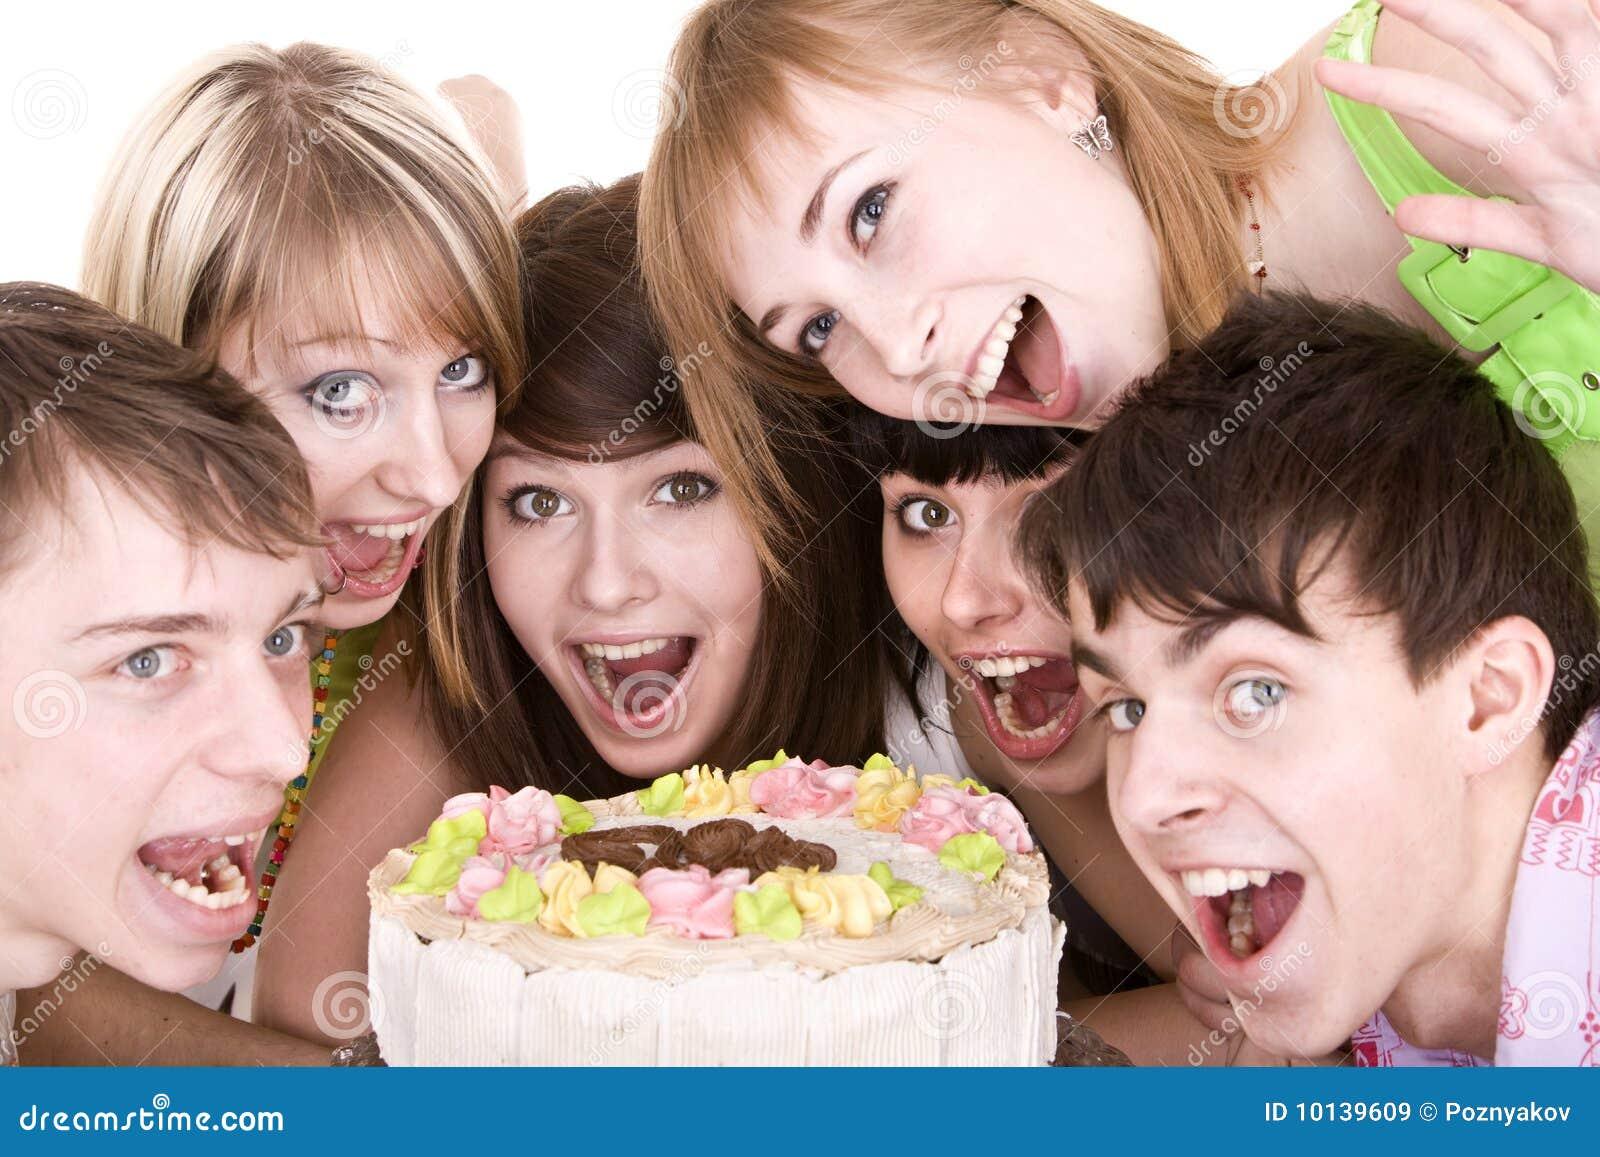 O grupo de adolescentes comemora o aniversário.